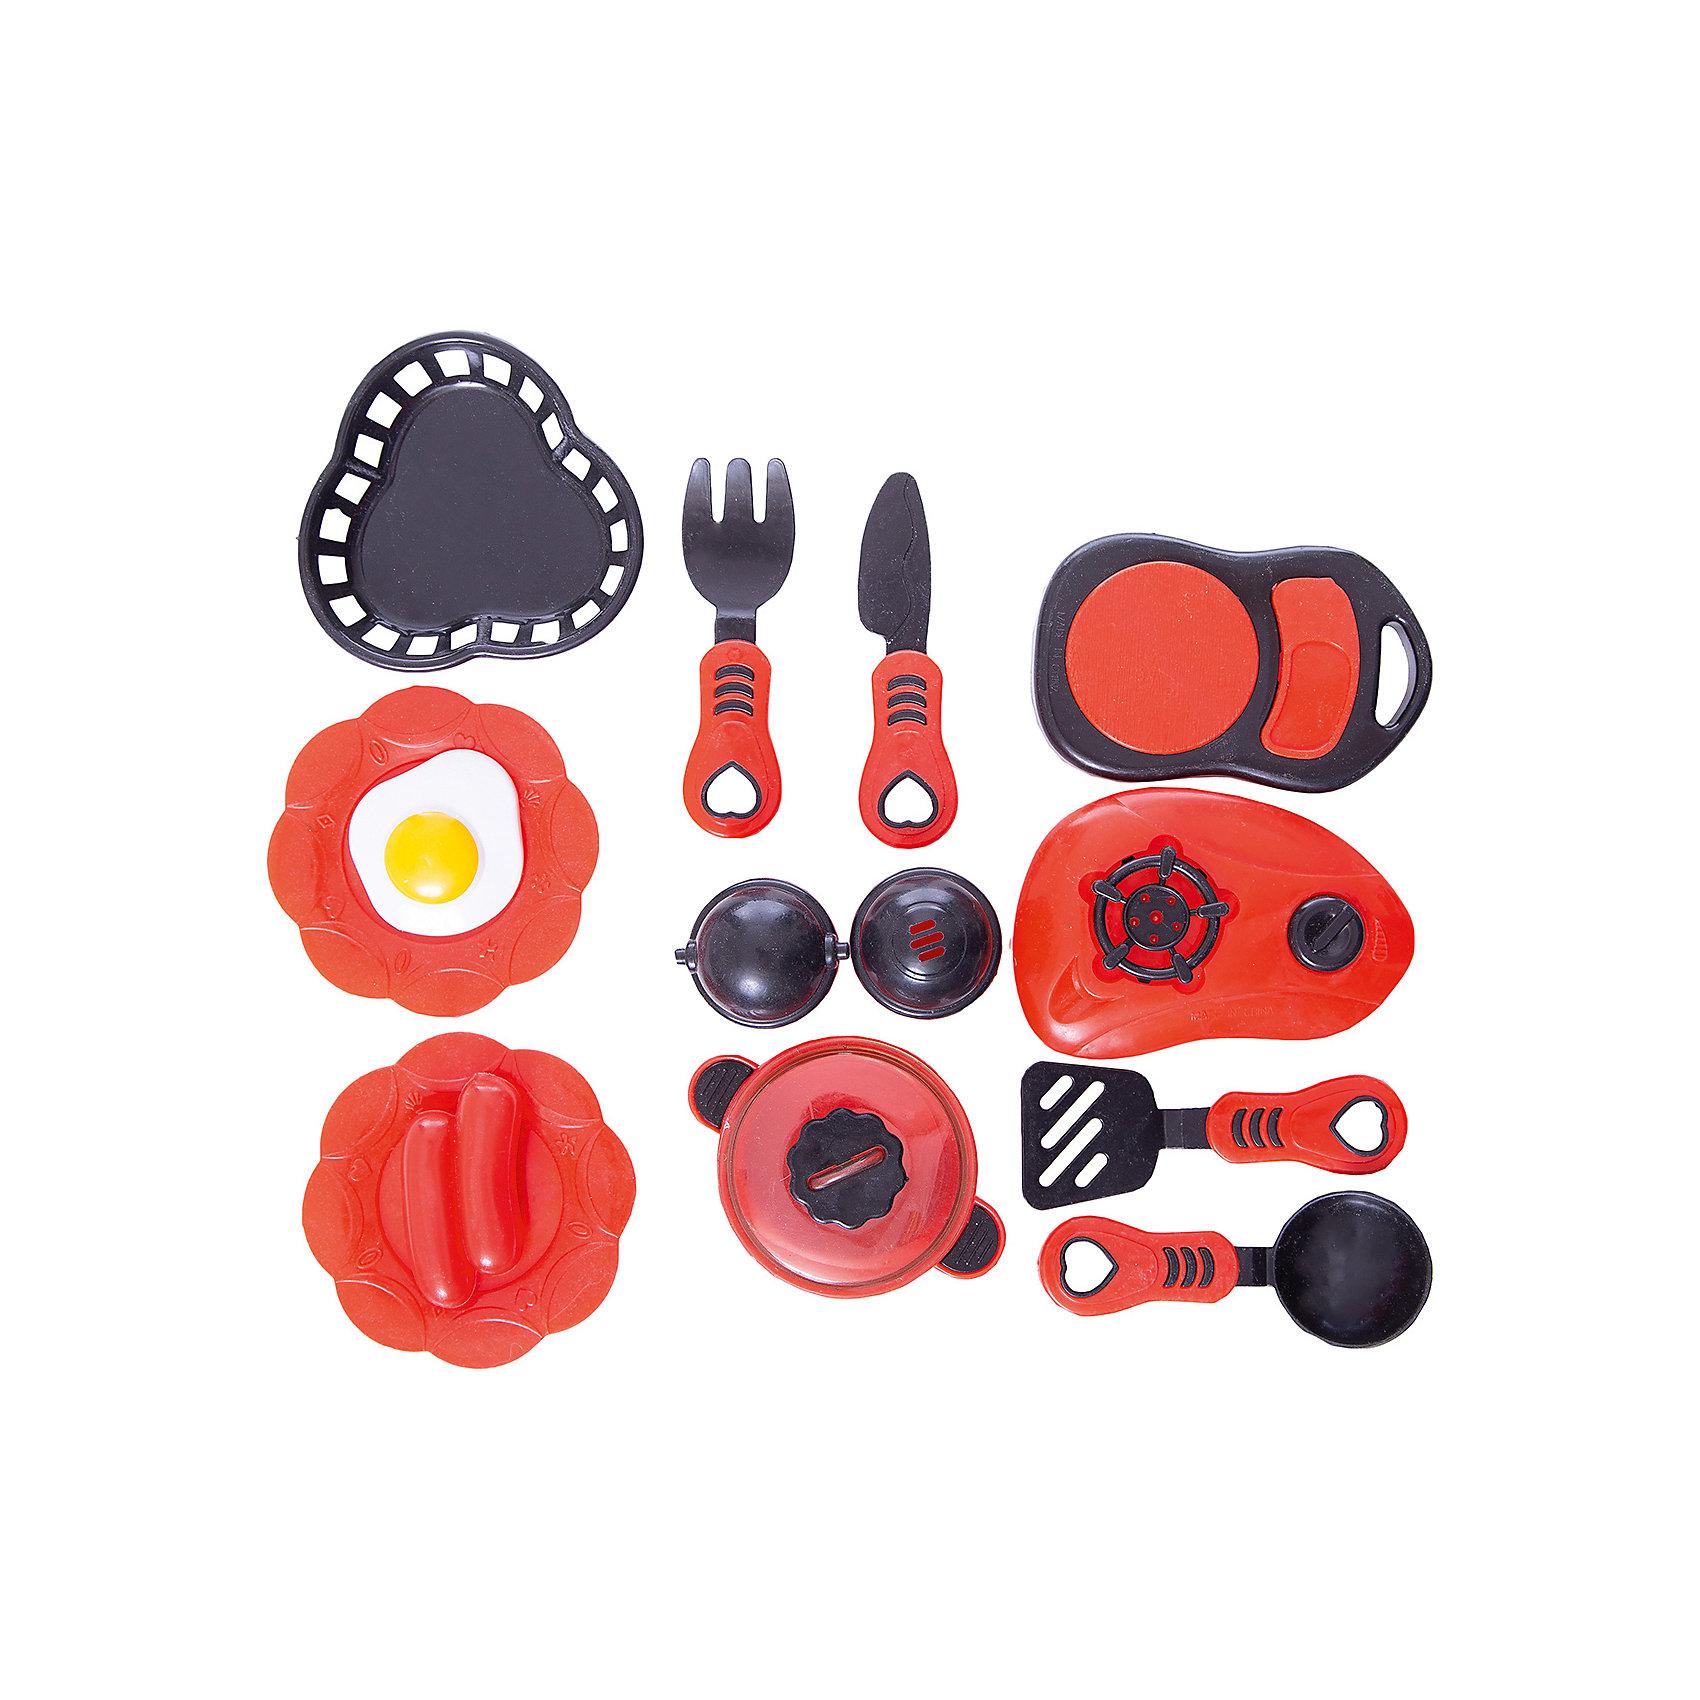 Набор посуды для кухни с продуктами №2, 14 предм., Помогаю маме, ABtoysПосуда и аксессуары для детской кухни<br>Набор посуды для кухни с продуктами №2, 14 предм., Помогаю маме, ABtoys (АБтойс) – набор поможет девочке освоить навыки хорошей хозяйки.<br>Набор содержит все необходимое для приготовления блюд и организации обеда для кукол. В него входят плитка для разогрева еды, весы, столовые приборы, кастрюля, сковорода, солонка и перечница, а также муляжи яичницы. Каждый из предметов выполнен из пластика красного и черного цвета и выглядит очень привлекательно и реалистично. Их удобно держать в руках. С таким набором малышка обязательно станет настоящей хозяйкой и сможет помогать маме на кухне. Комплект изготовлен из высококачественного пластика особой прочности, поэтому ему не страшны удары и падения.<br><br>Дополнительная информация:<br><br>- В наборе 14 предметов: плитка, весы, кастрюлька с крышкой, сковорода с крышкой, солонка, перечница, ножик, черпачок, лопатка, вилка, 2 яичницы<br>- Цвет: красный, черный, белый, желтый<br>- Материал: пластик<br>- Упаковка: сетка<br>- Размер упаковки: 16х15х9 см.<br>- Вес: 141 гр.<br><br>Набор посуды для кухни с продуктами №2, 14 предм., Помогаю маме, ABtoys (АБтойс) можно купить в нашем интернет-магазине.<br><br>Ширина мм: 165<br>Глубина мм: 150<br>Высота мм: 90<br>Вес г: 141<br>Возраст от месяцев: 36<br>Возраст до месяцев: 84<br>Пол: Женский<br>Возраст: Детский<br>SKU: 4622663